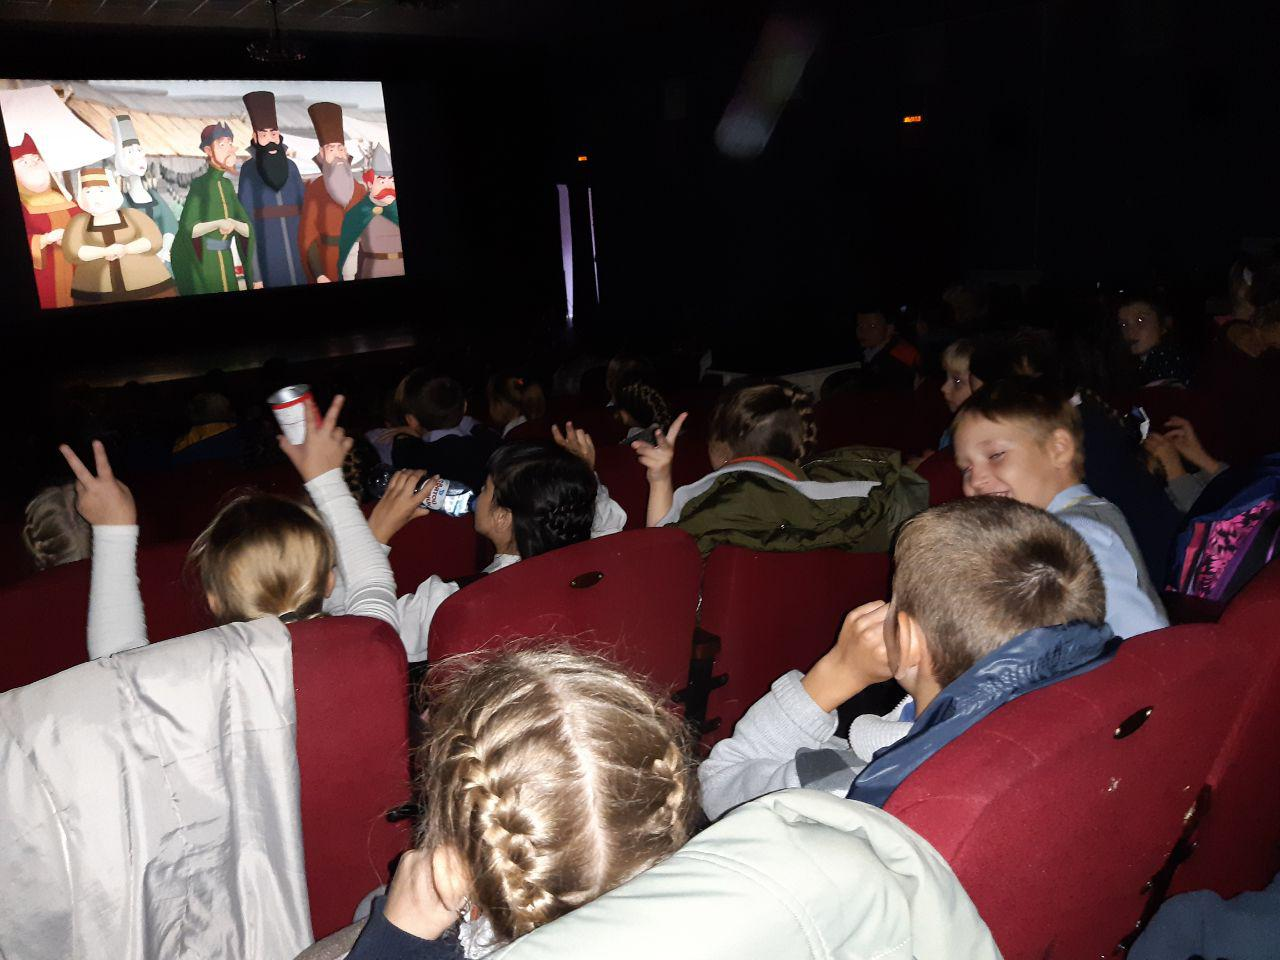 25 сентября в Центре культуры и кино «Родина» в рамках Областного фестиваля «ЭтноКино» состоялся бесплатный показ российского мультфильма 2017 года «Сказ о Петре и Февронии».